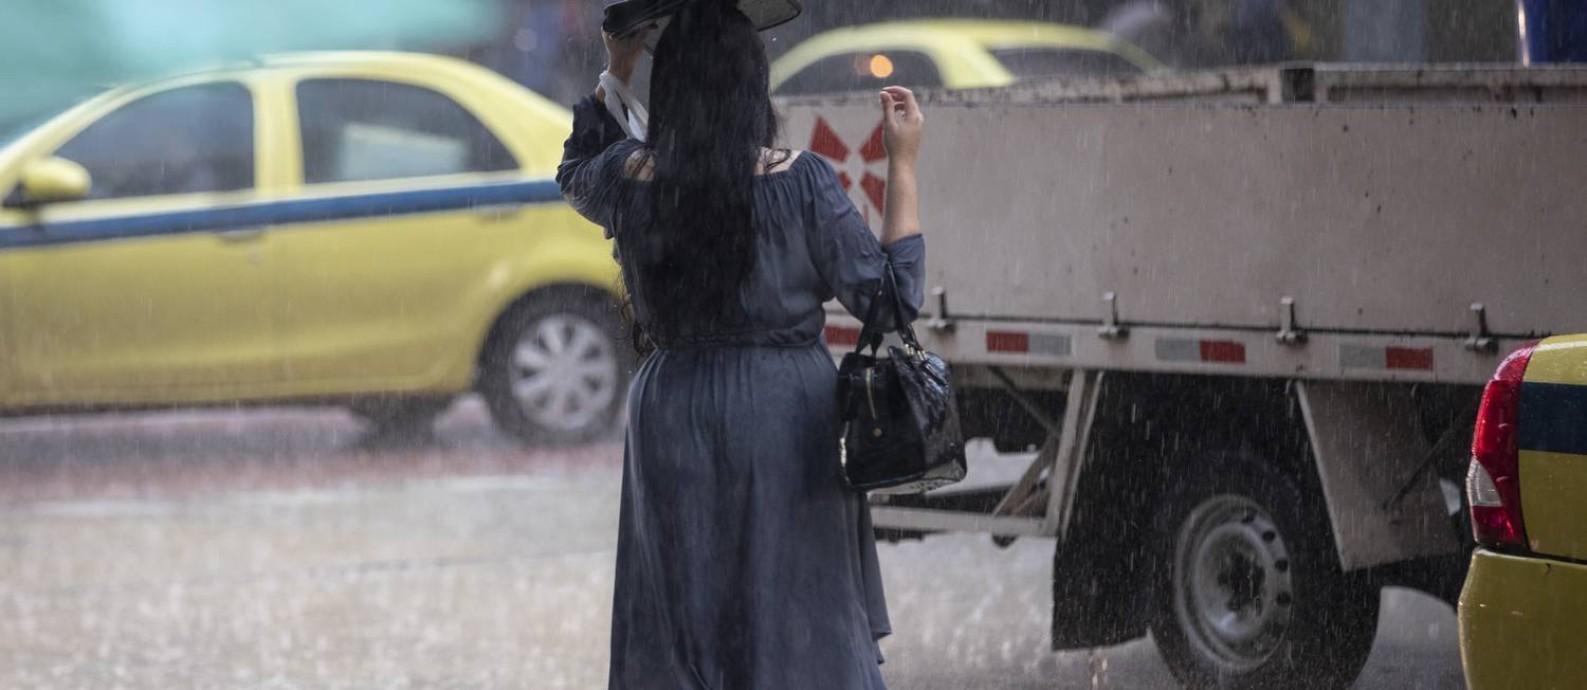 Chuva na cidade do Rio nesta quarta-feira Foto: Ana Branco / Agência O Globo - 10/10/2018